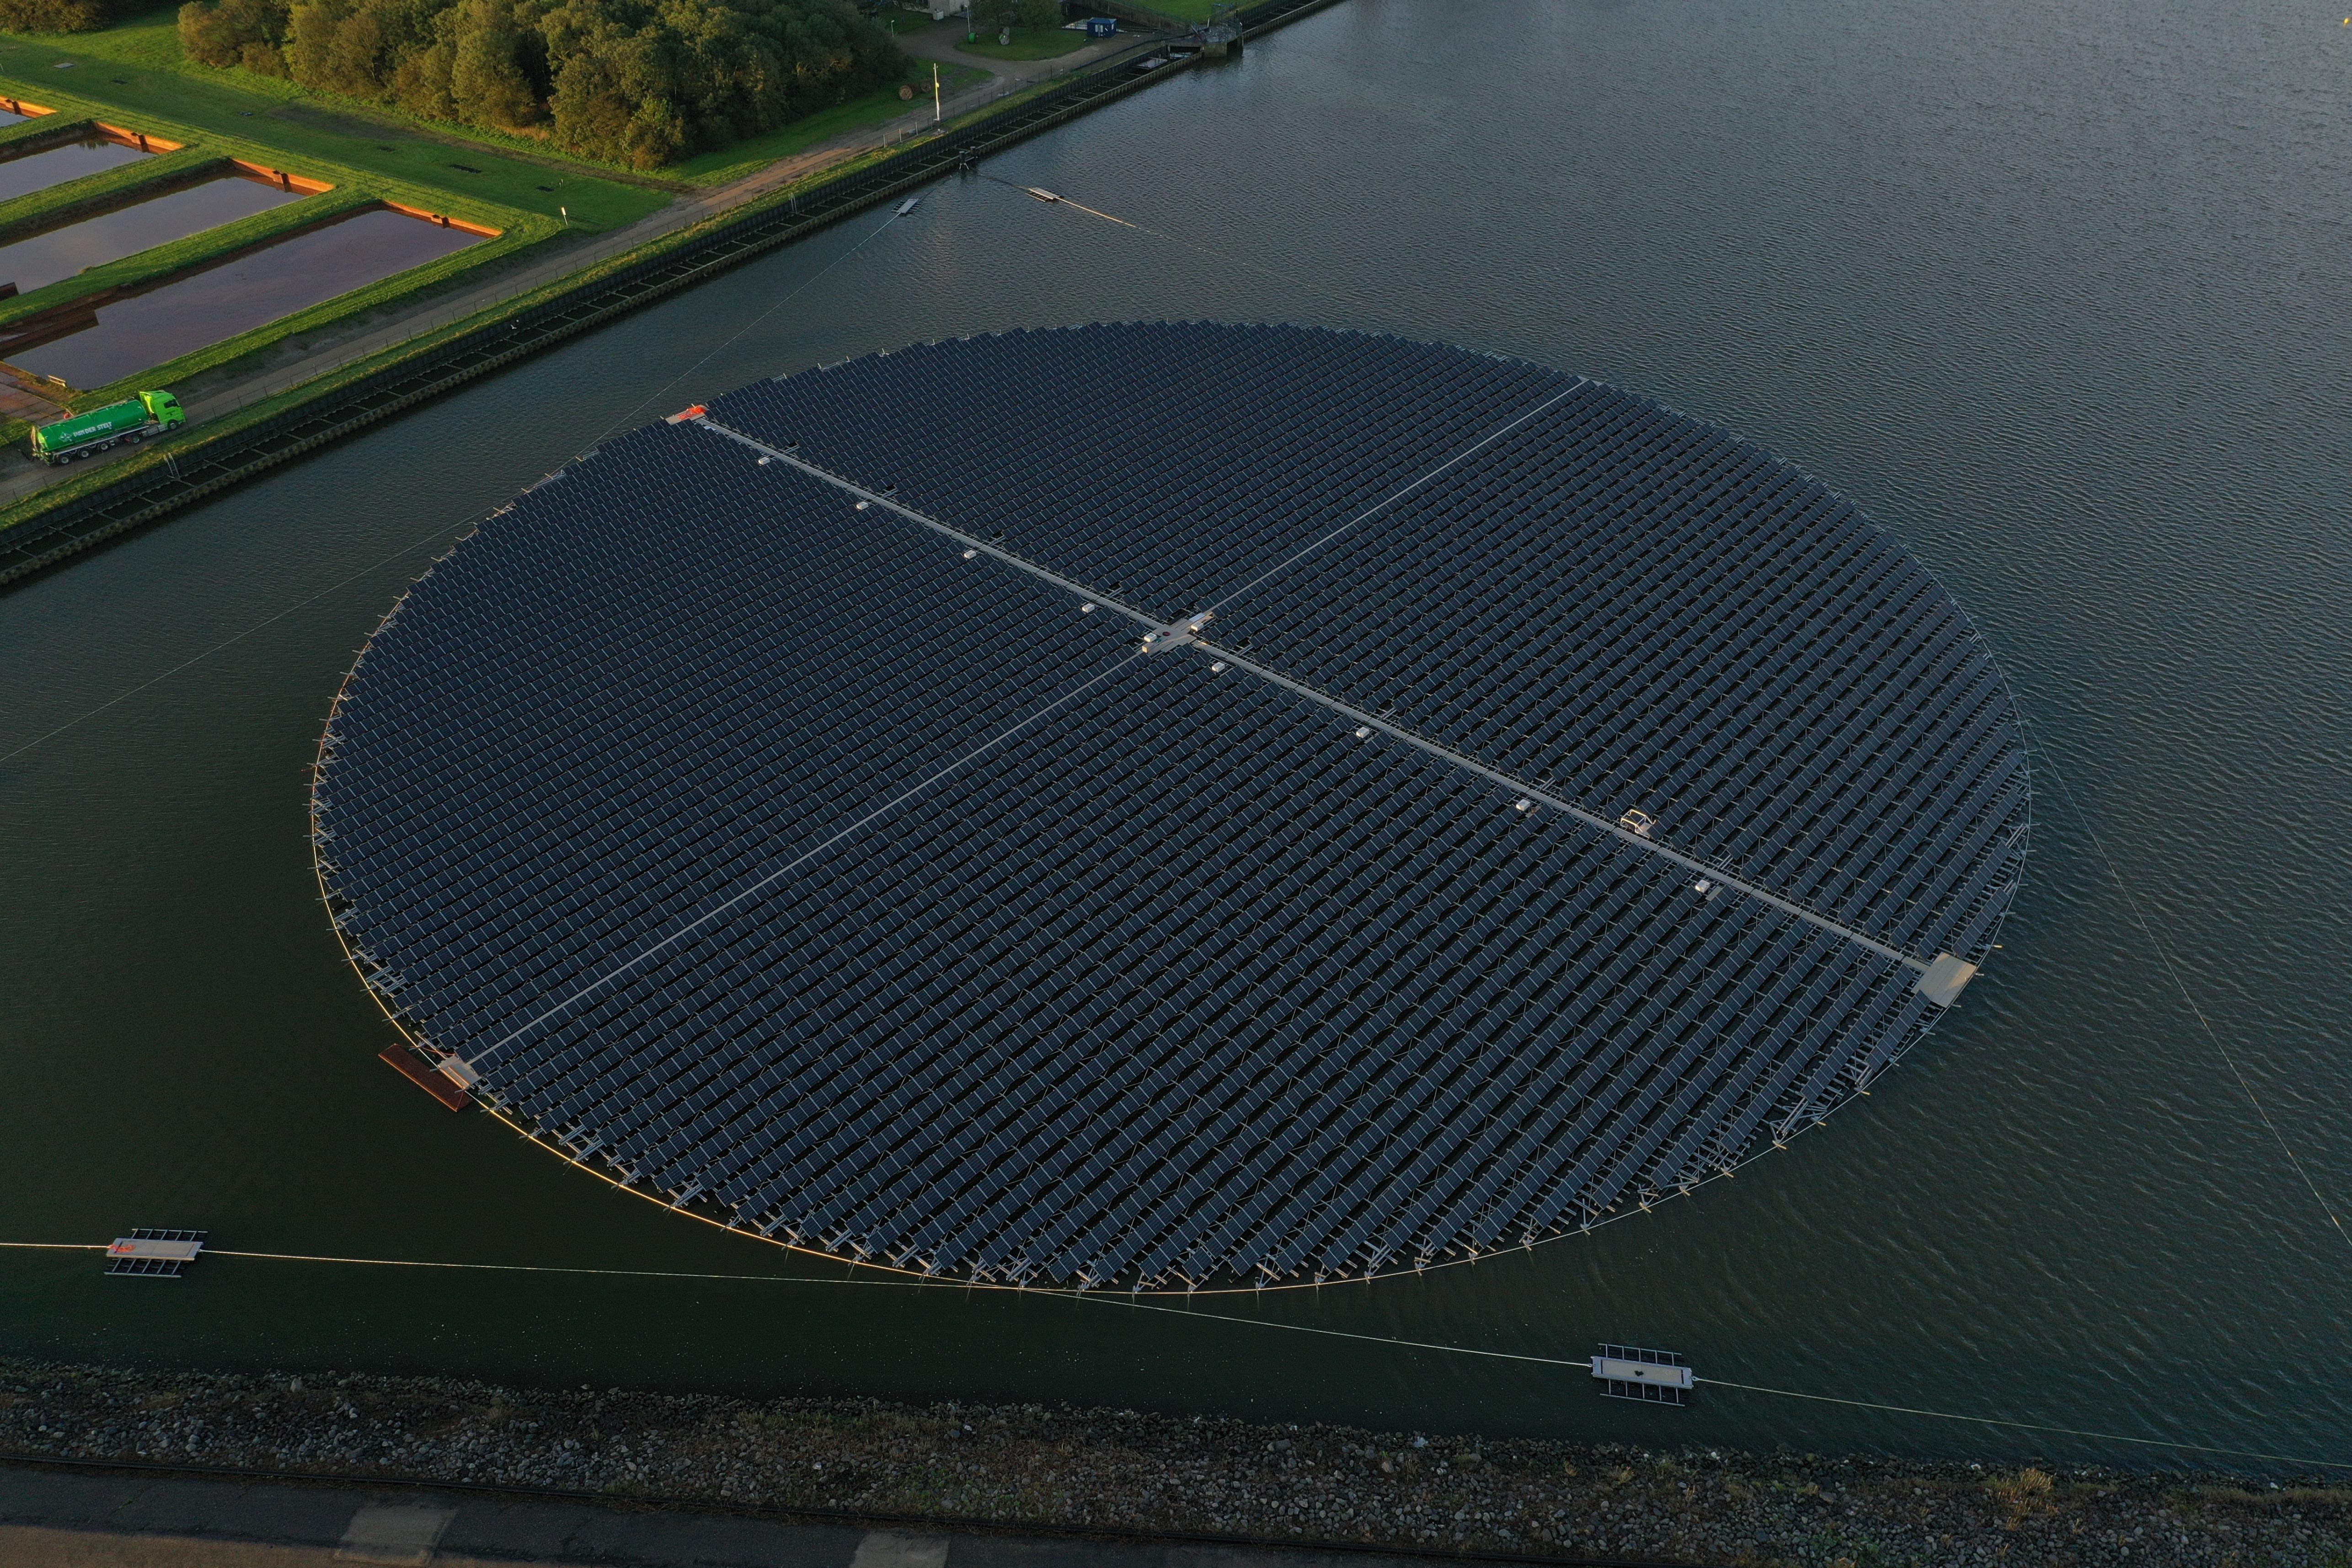 Start aanleg van enorm drijvend zonnepark in Andijk: 'We weten dat er maatschappelijke discussie gaande is'